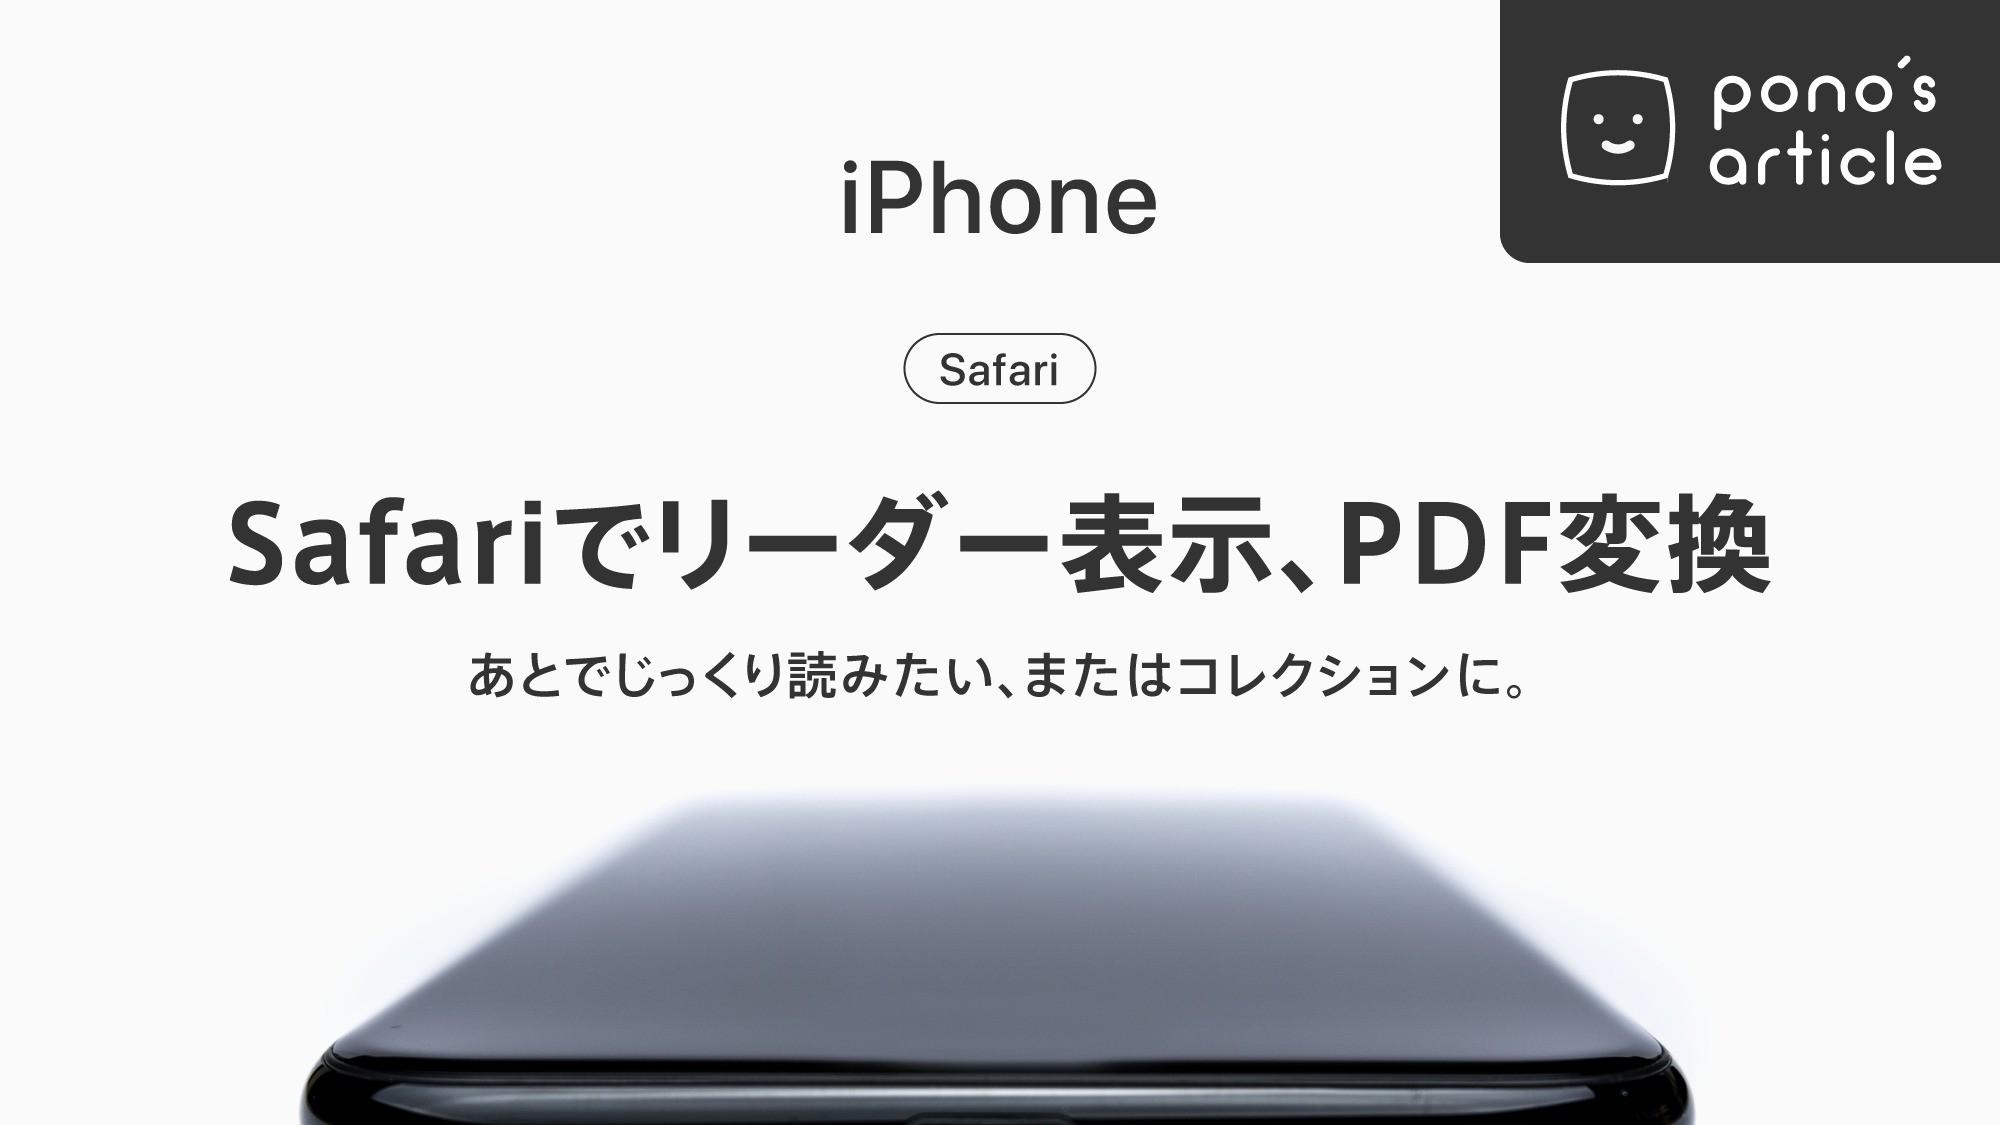 [iPhone]Safariでリーダー表示からPDF変換